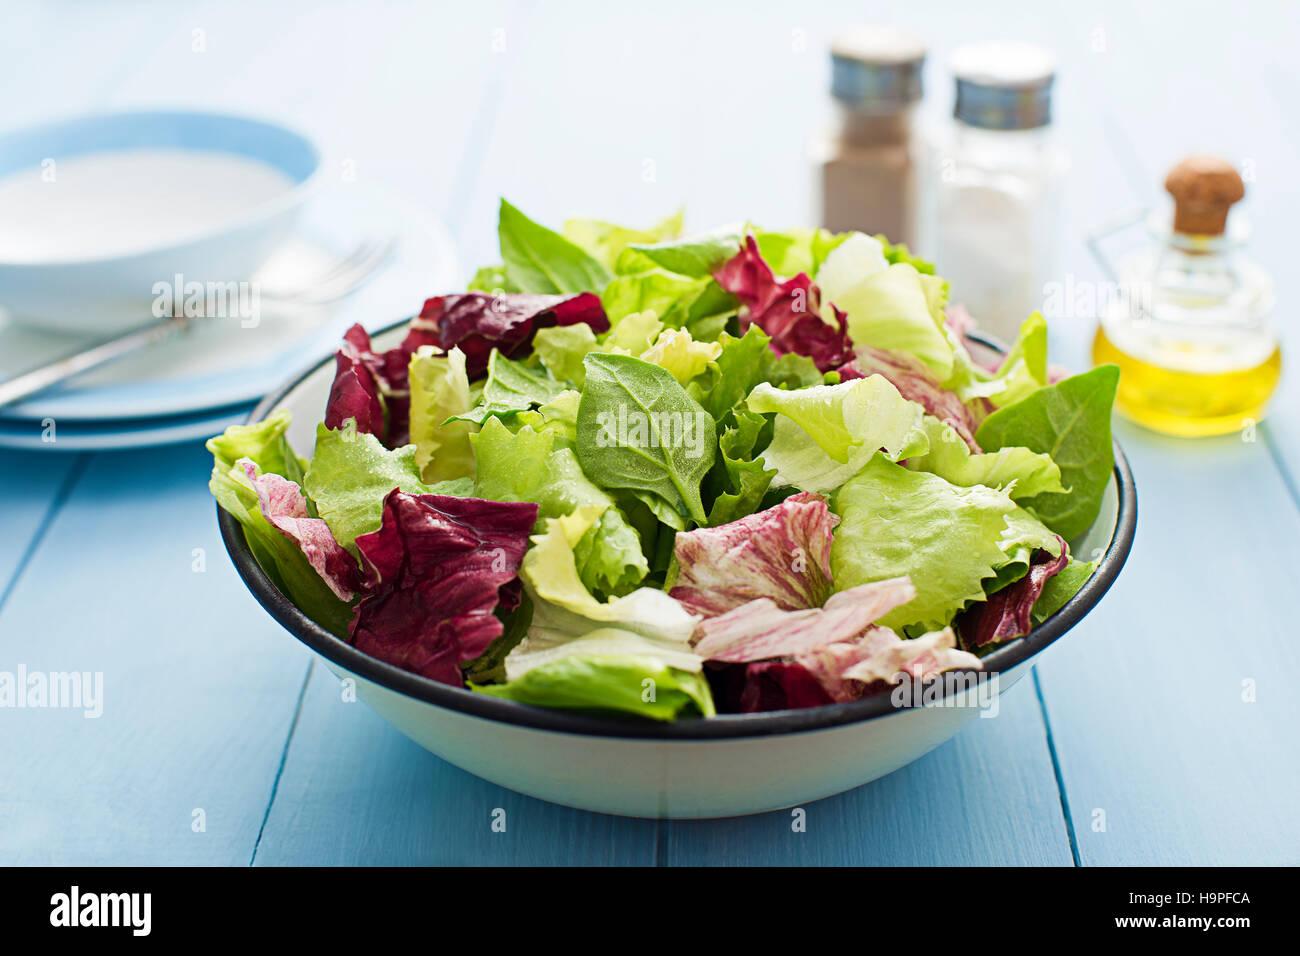 Fresca insalata mista in una ciotola close up Immagini Stock